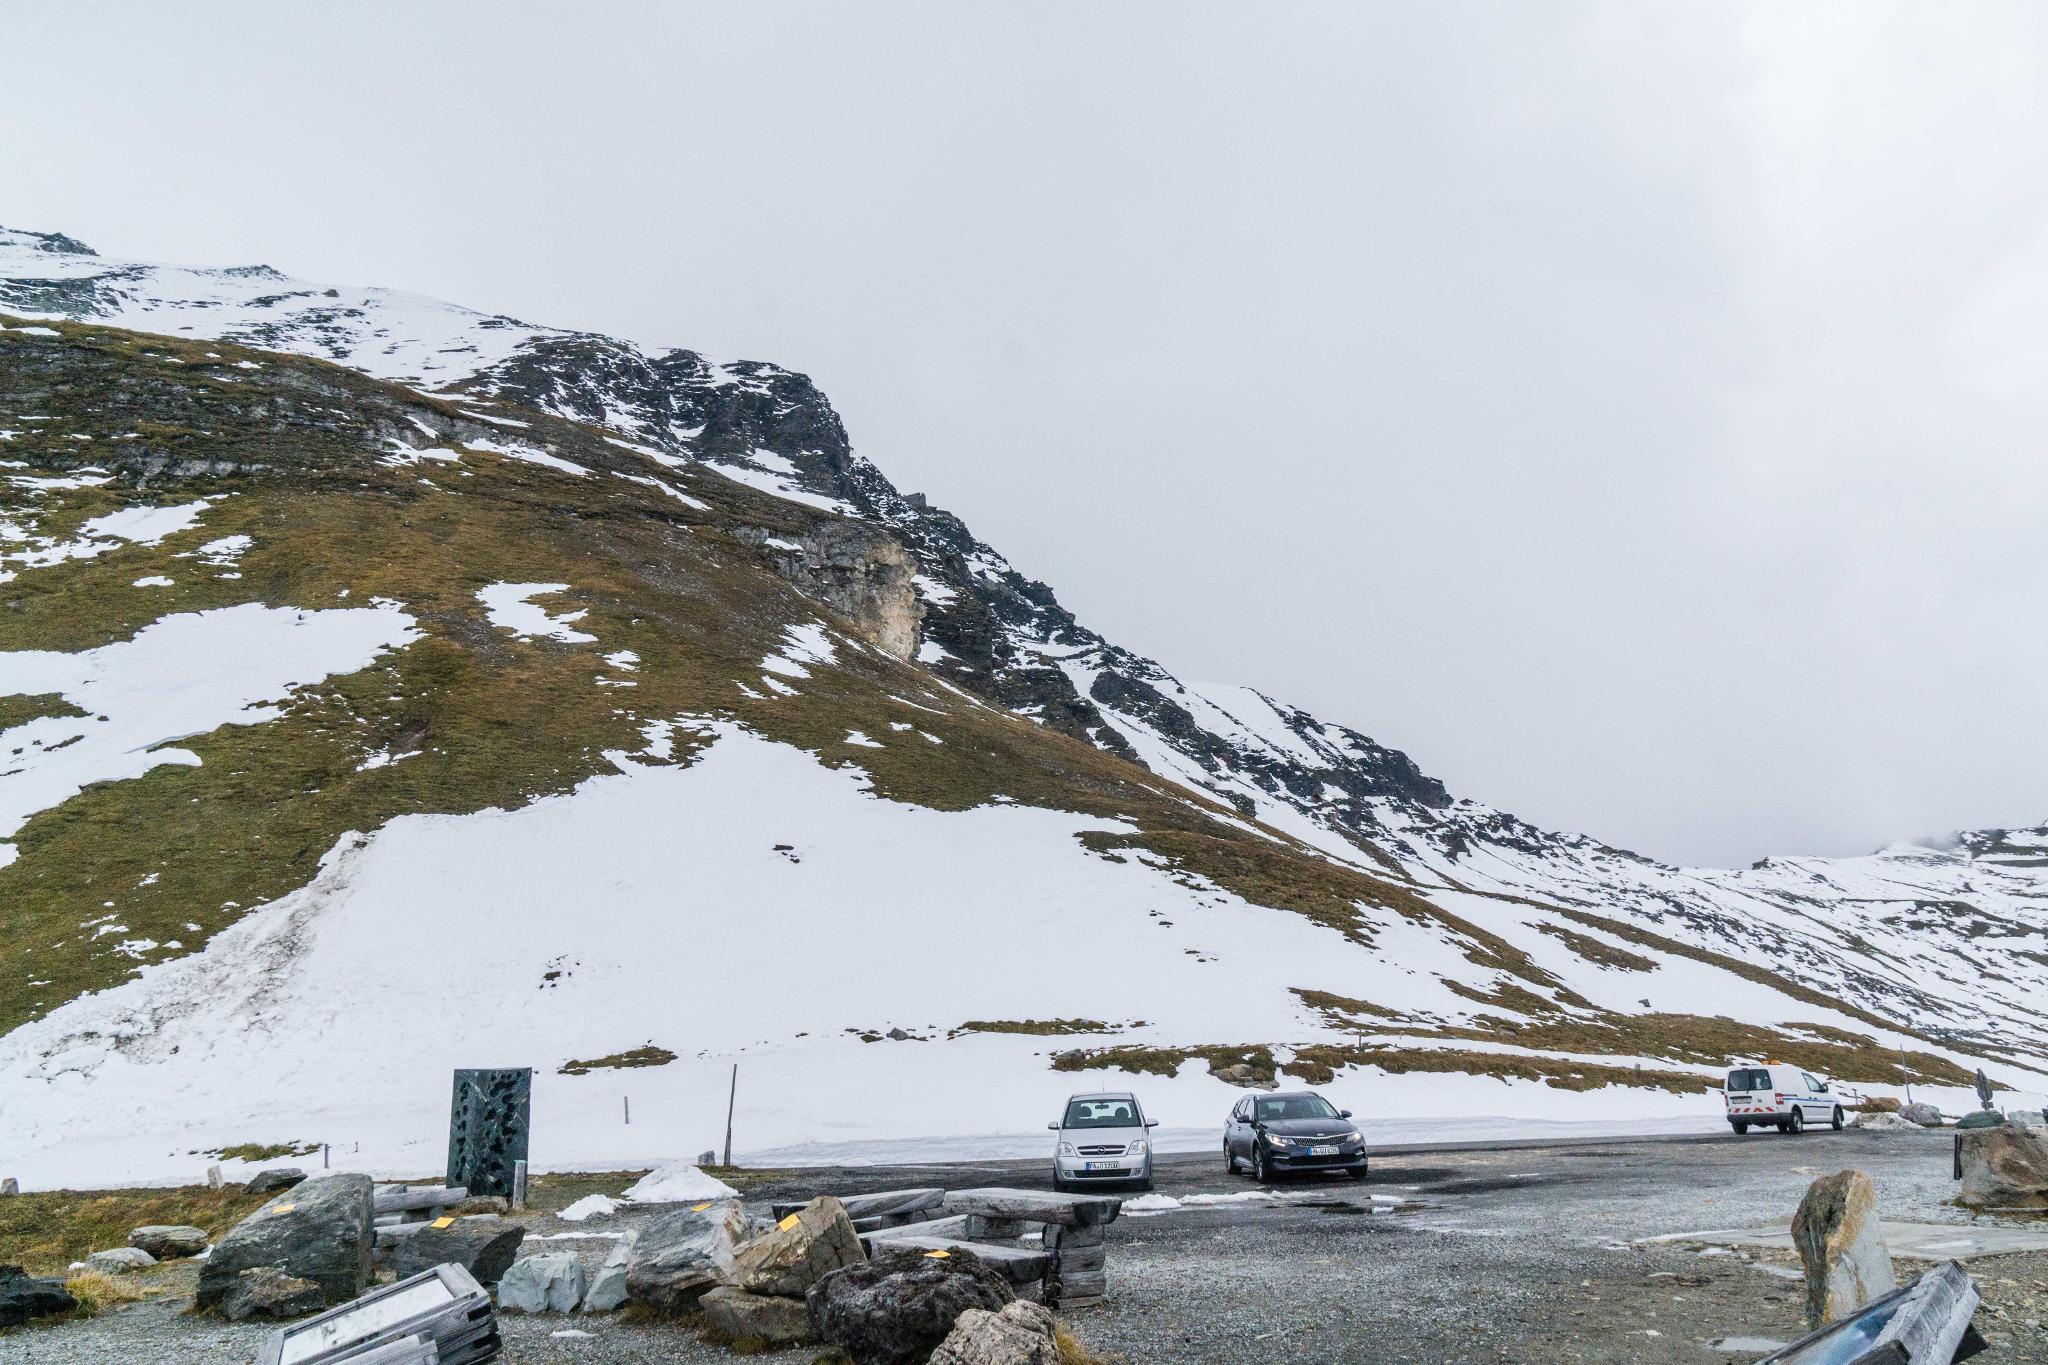 【奧地利】穿越阿爾卑斯之巔 — 奧地利大鐘山冰河公路 (Grossglockner High Alpine Road) 51